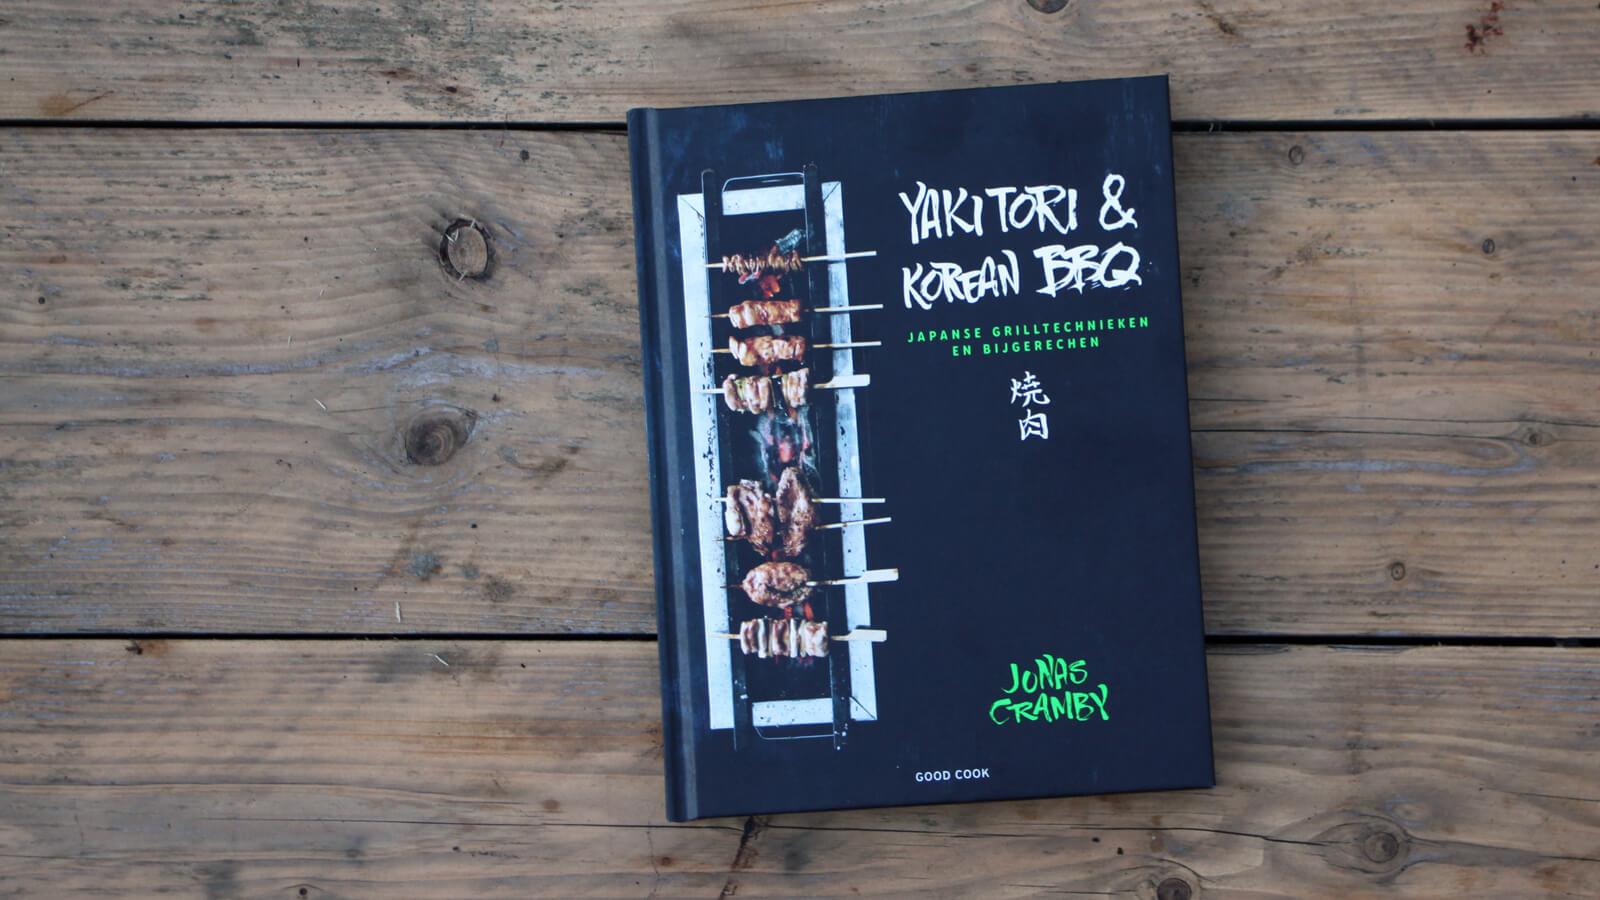 Boekreview: Yakitori & Korean BBQ - Jonas Cramby